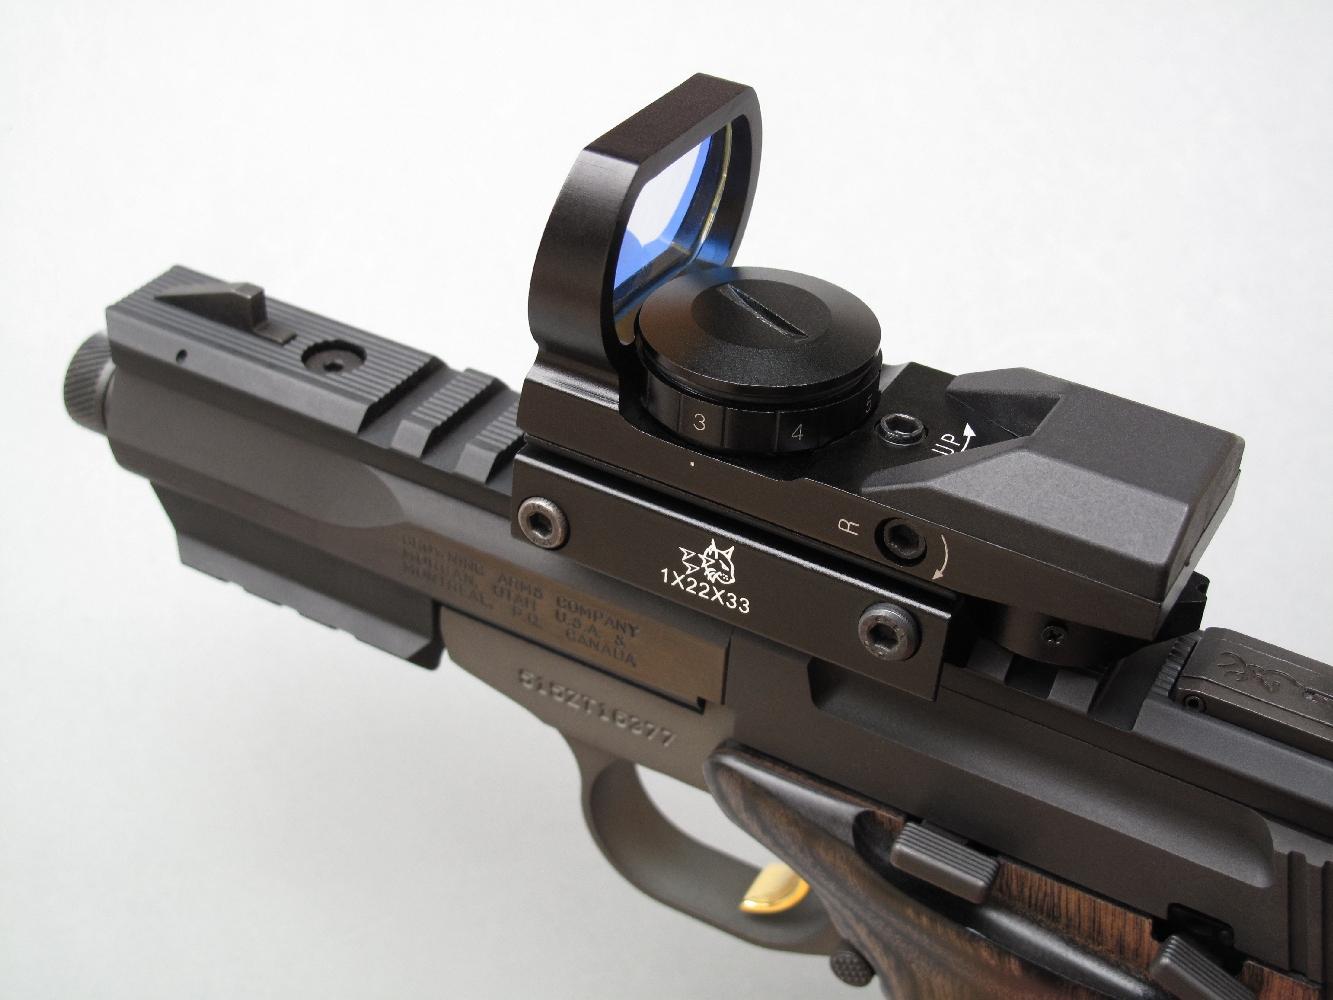 Le rail Picatinny usiné sur la longue ligne de visée de ce pistolet permet d'installer sur l'arme, avec une facilité déconcertante, un viseur reflex à l'image du Lynx 1x22x33 multiréticule que nous avons utilisé pour nos essais.